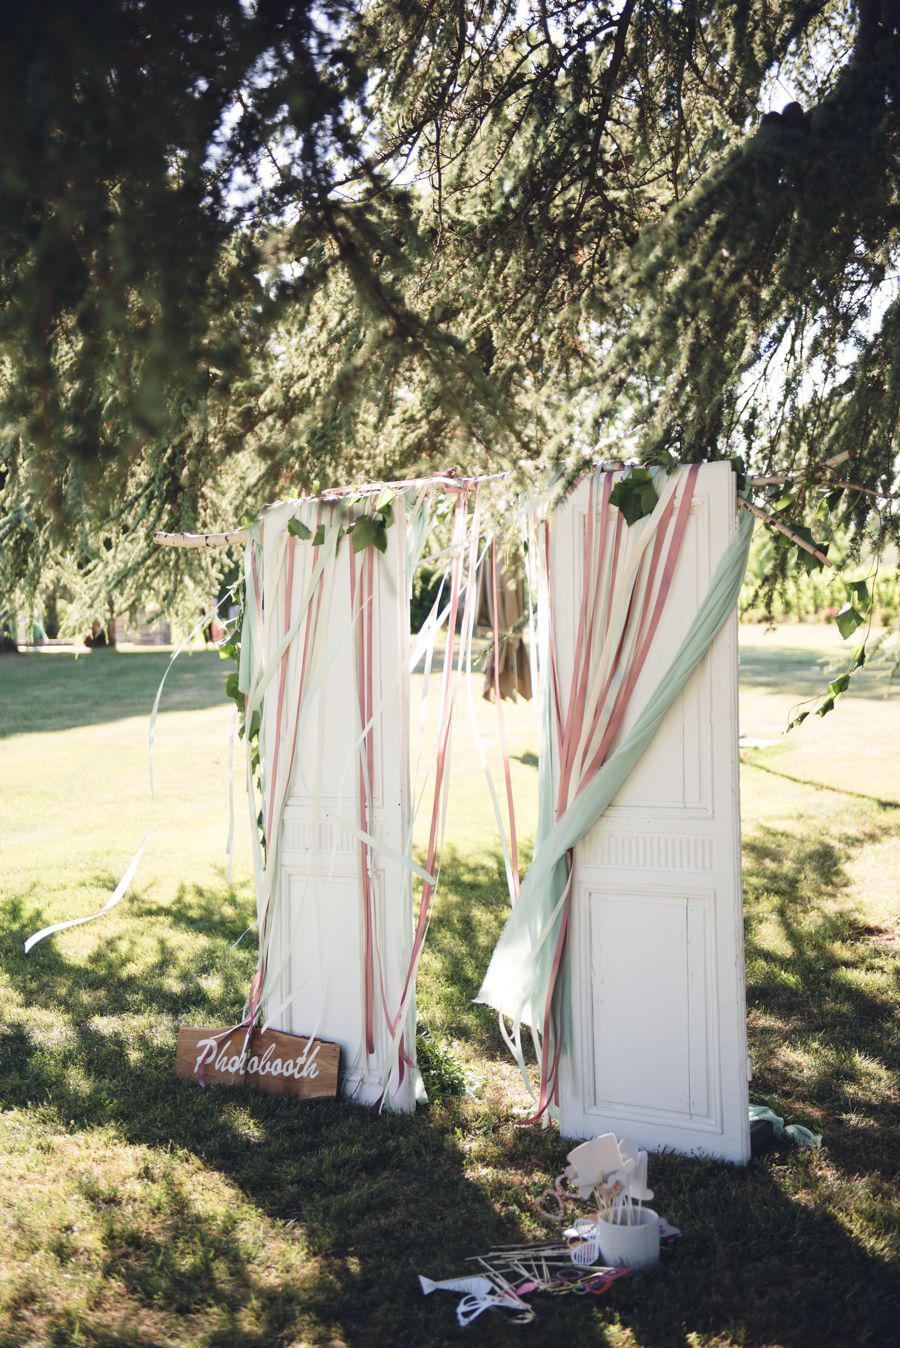 Photobooth de mariage original avec portes vintages posées dans le parc du Château du Sud Ouest.